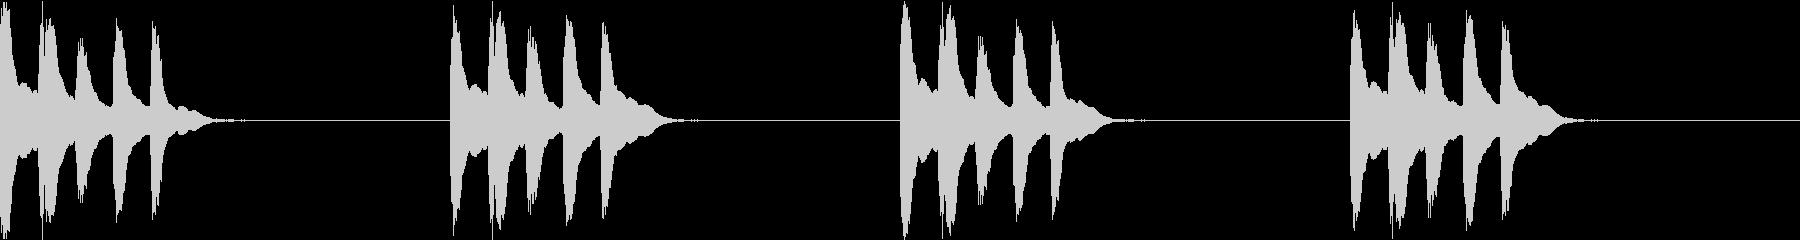 シンプル ベル 着信音 チャイム C14の未再生の波形